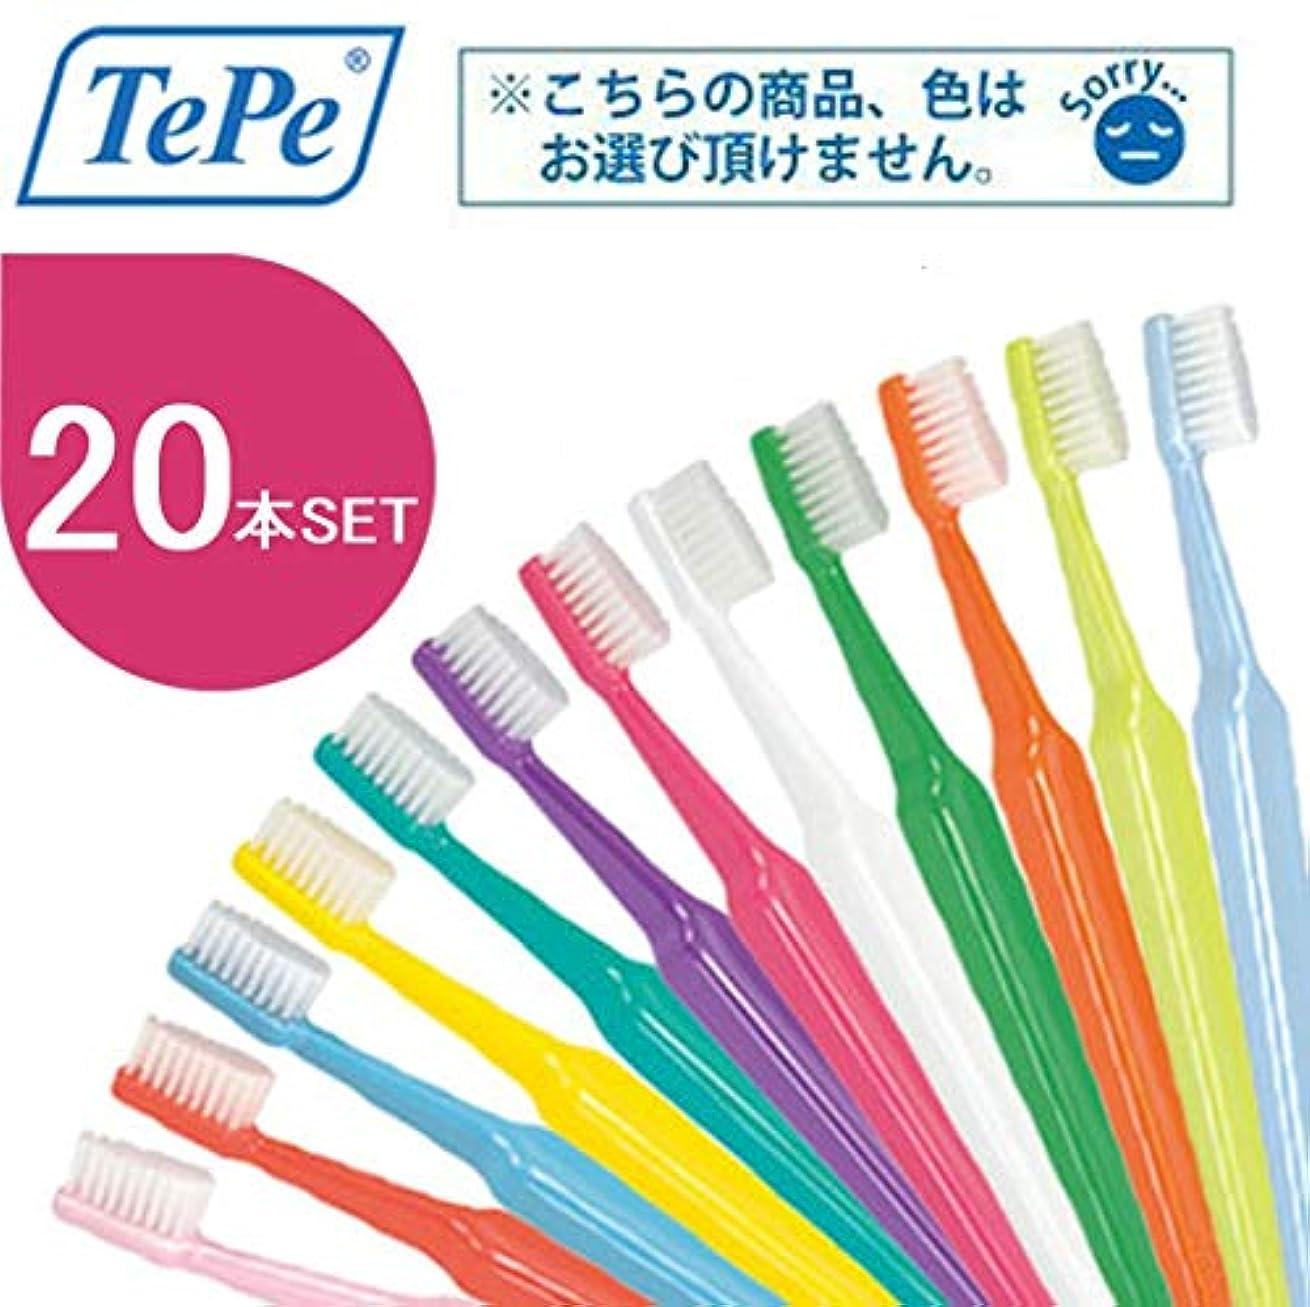 対餌透けて見えるクロスフィールド TePe テペ セレクト 歯ブラシ 20本 (エクストラソフト)